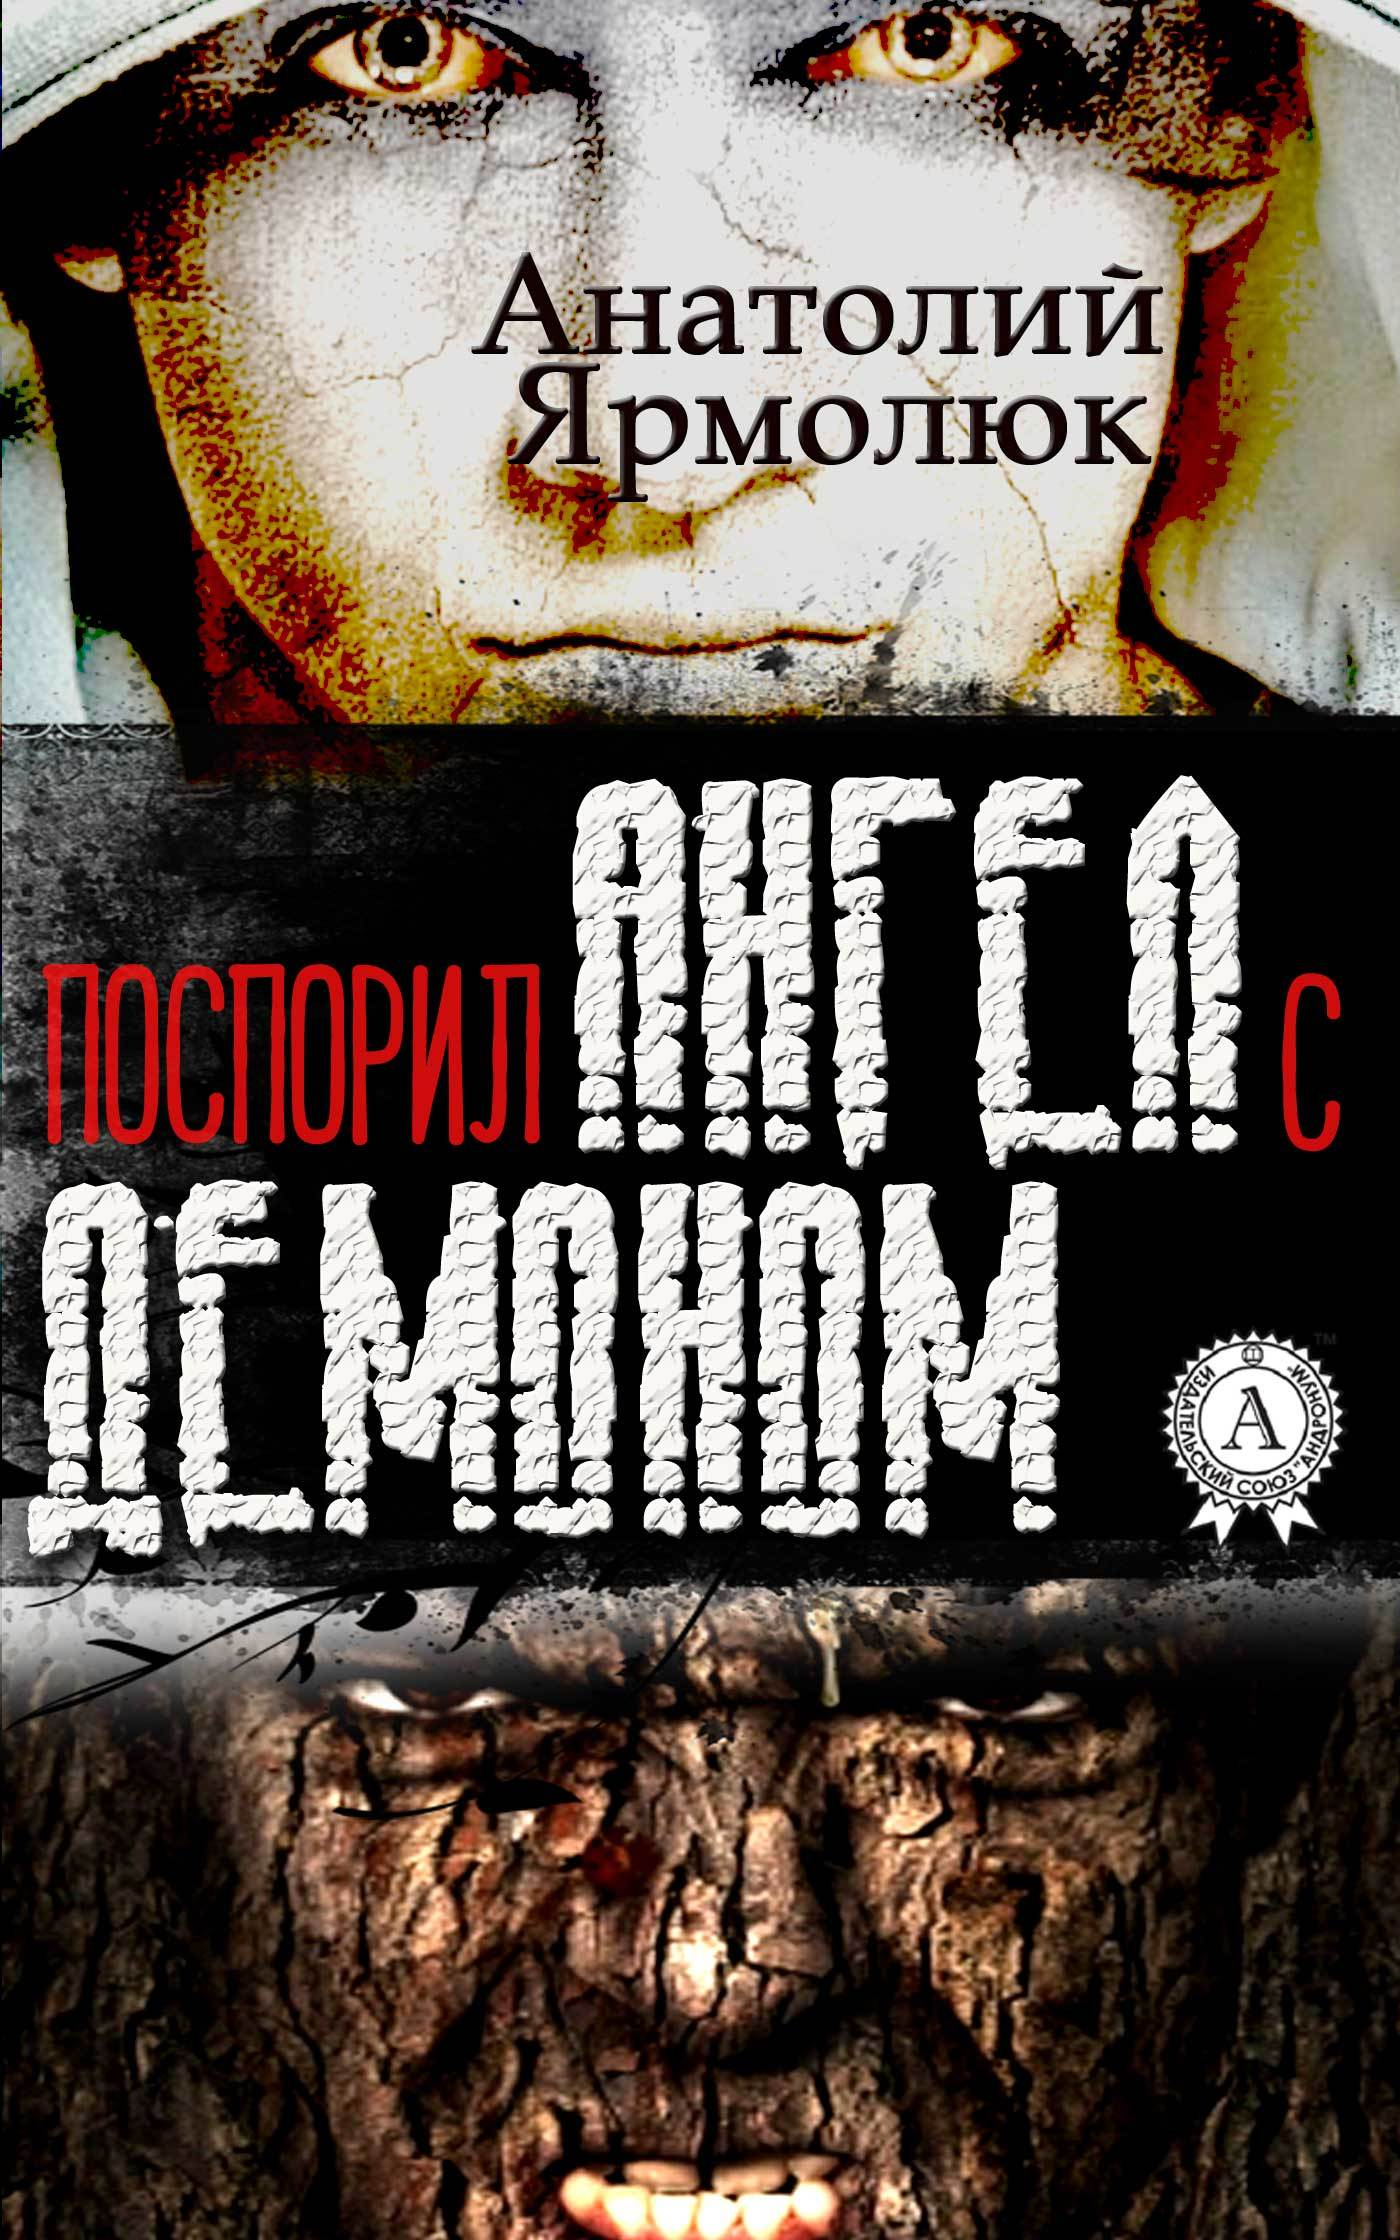 Анатолий Ярмолюк Поспорил ангел с демоном приставка бес и без правило